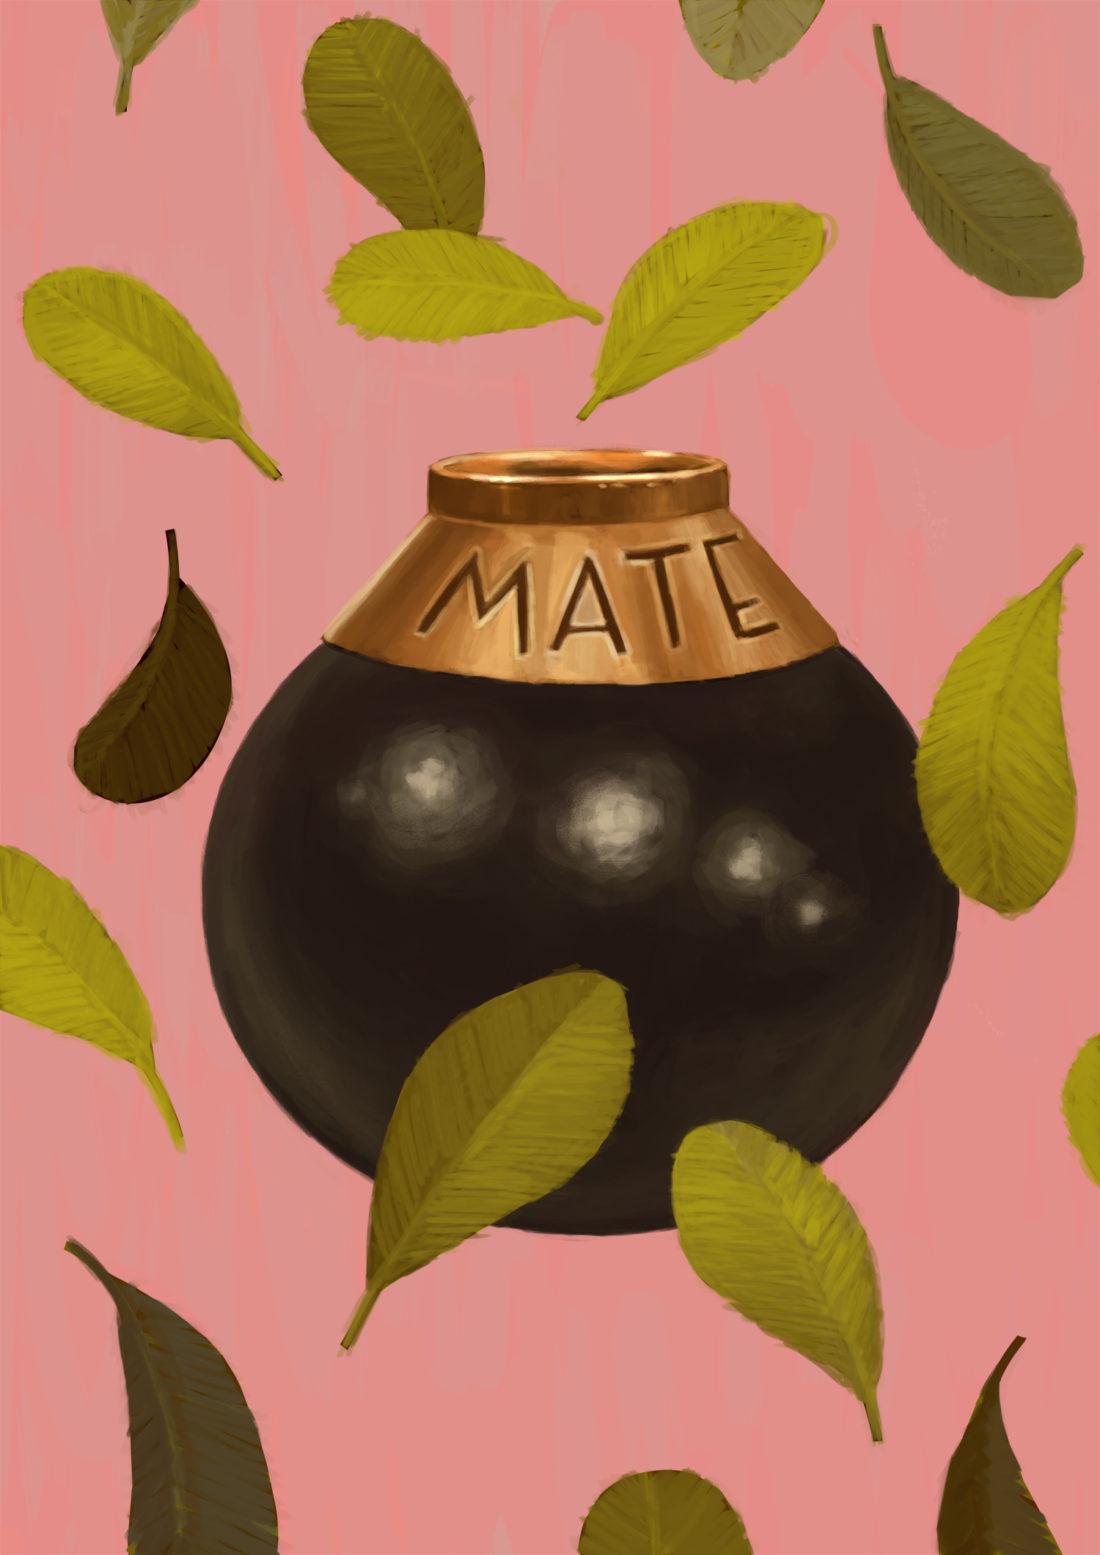 mate_tee_2